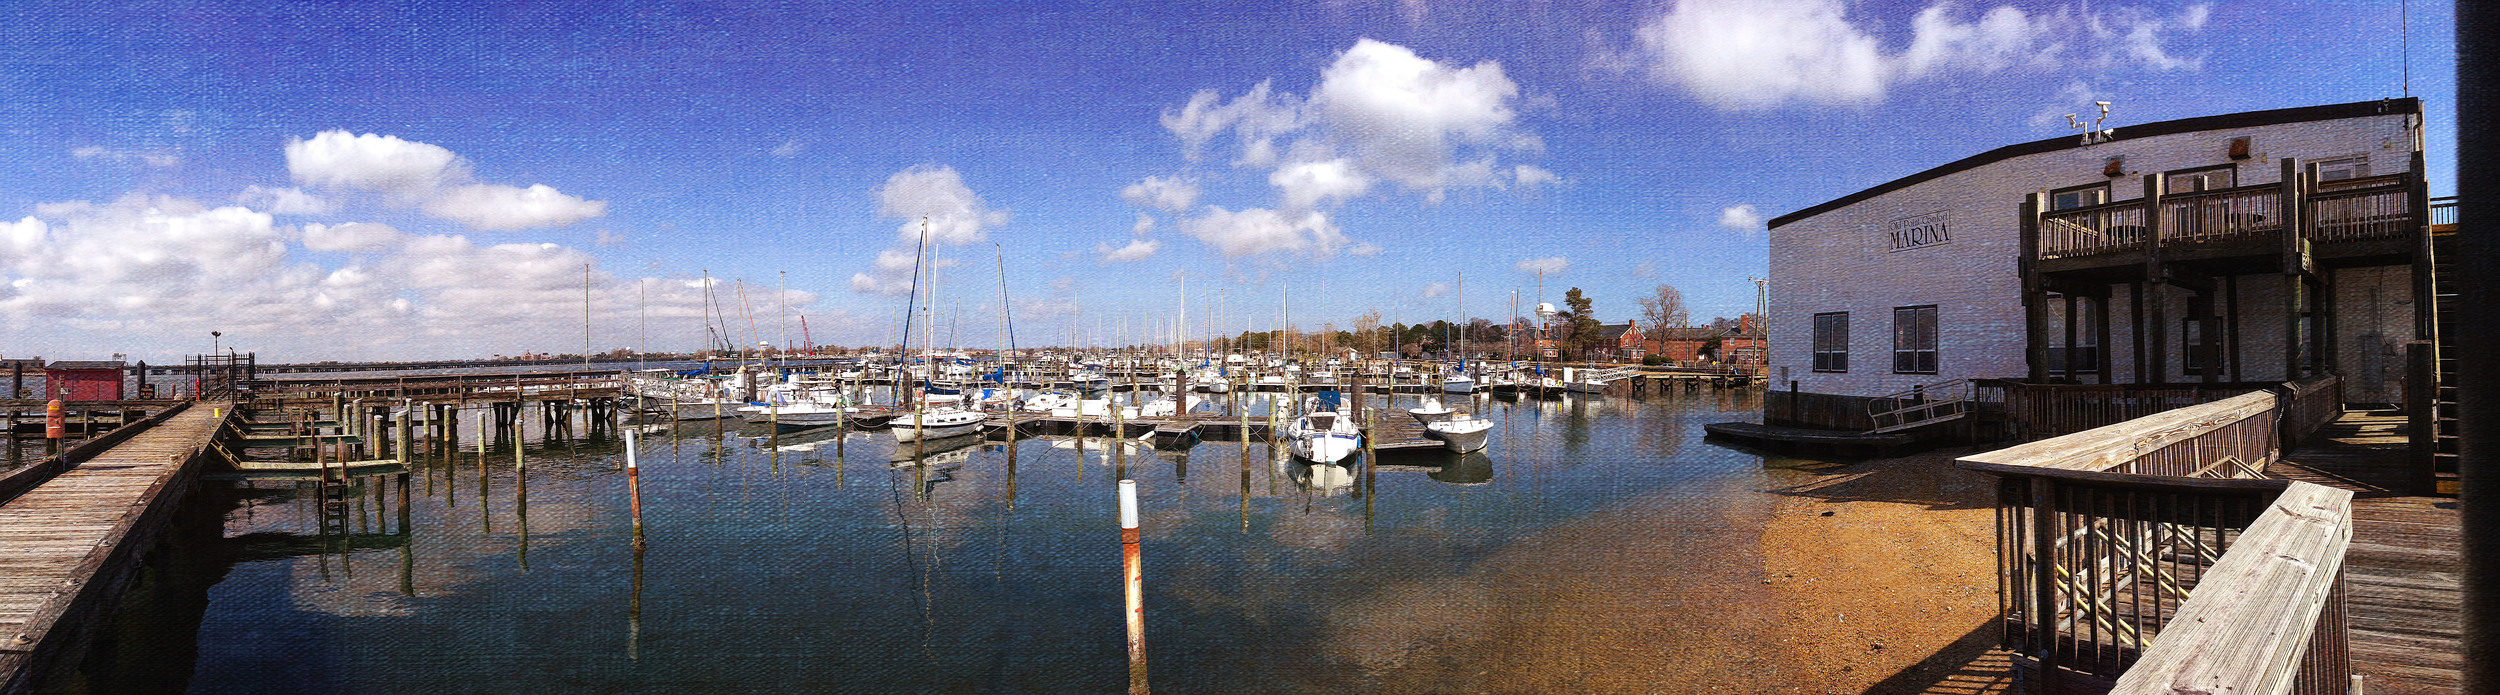 The marina at Fort Monroe.